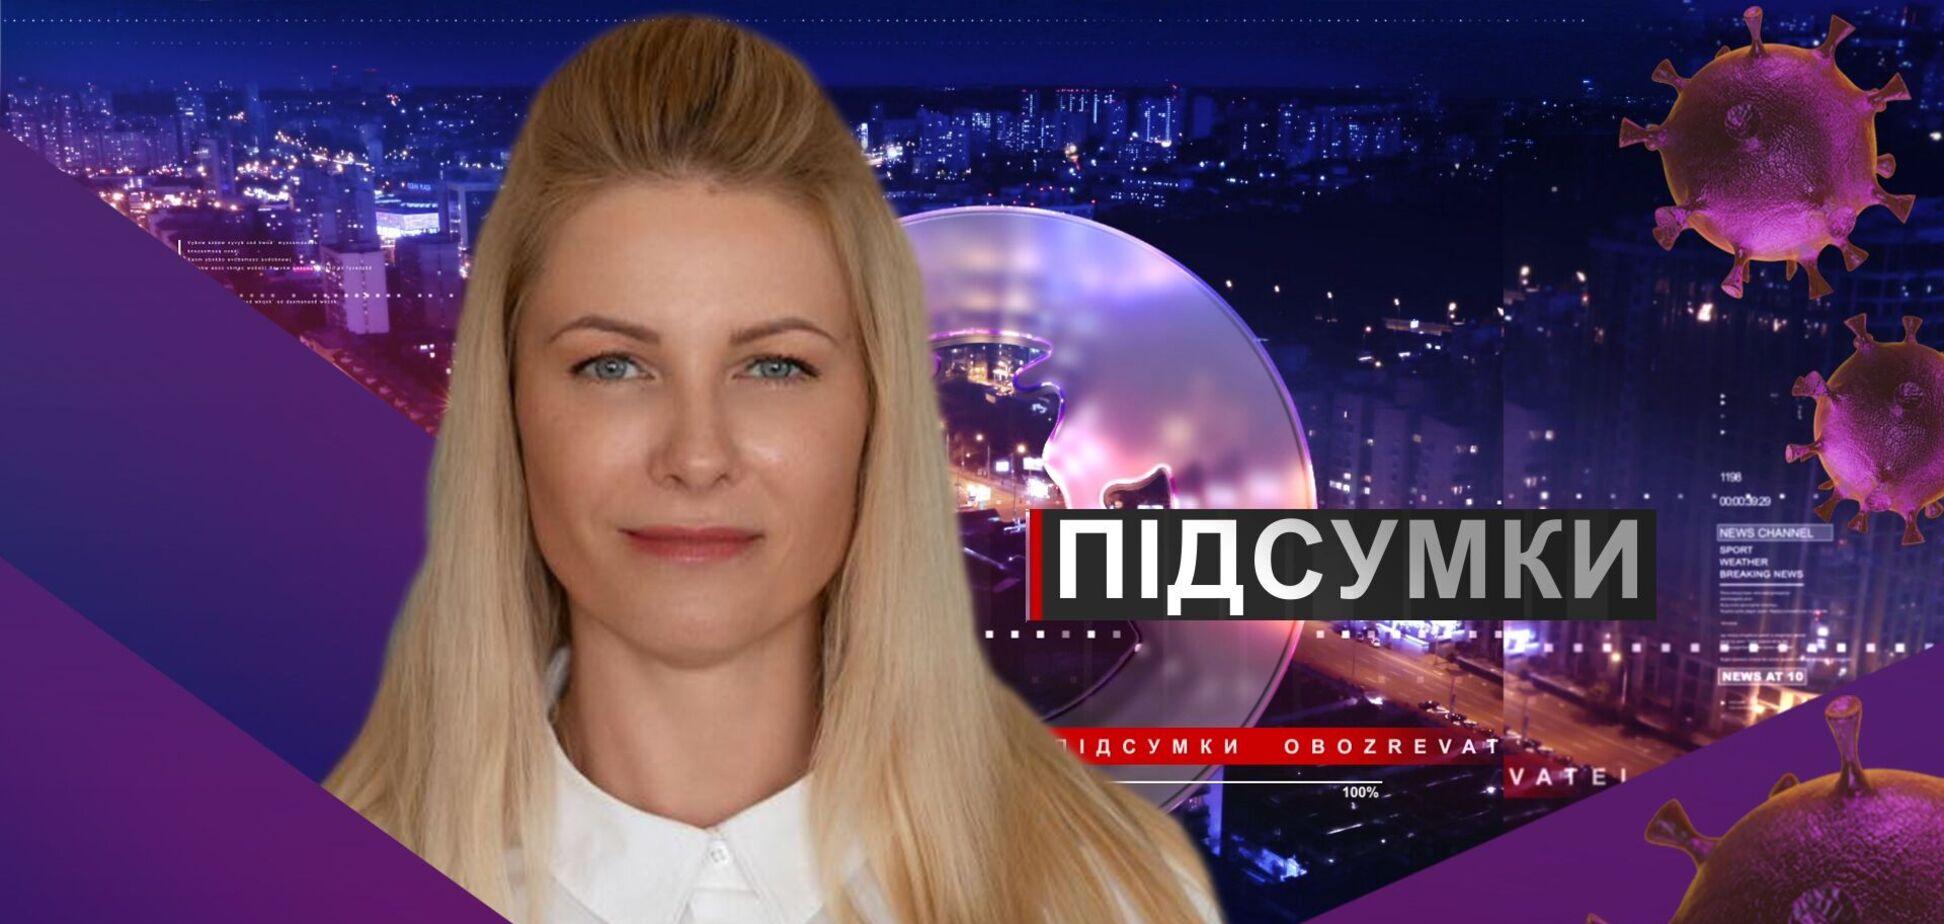 Підсумки дня з Вадимом Колодійчуком. Середа, 9 вересня